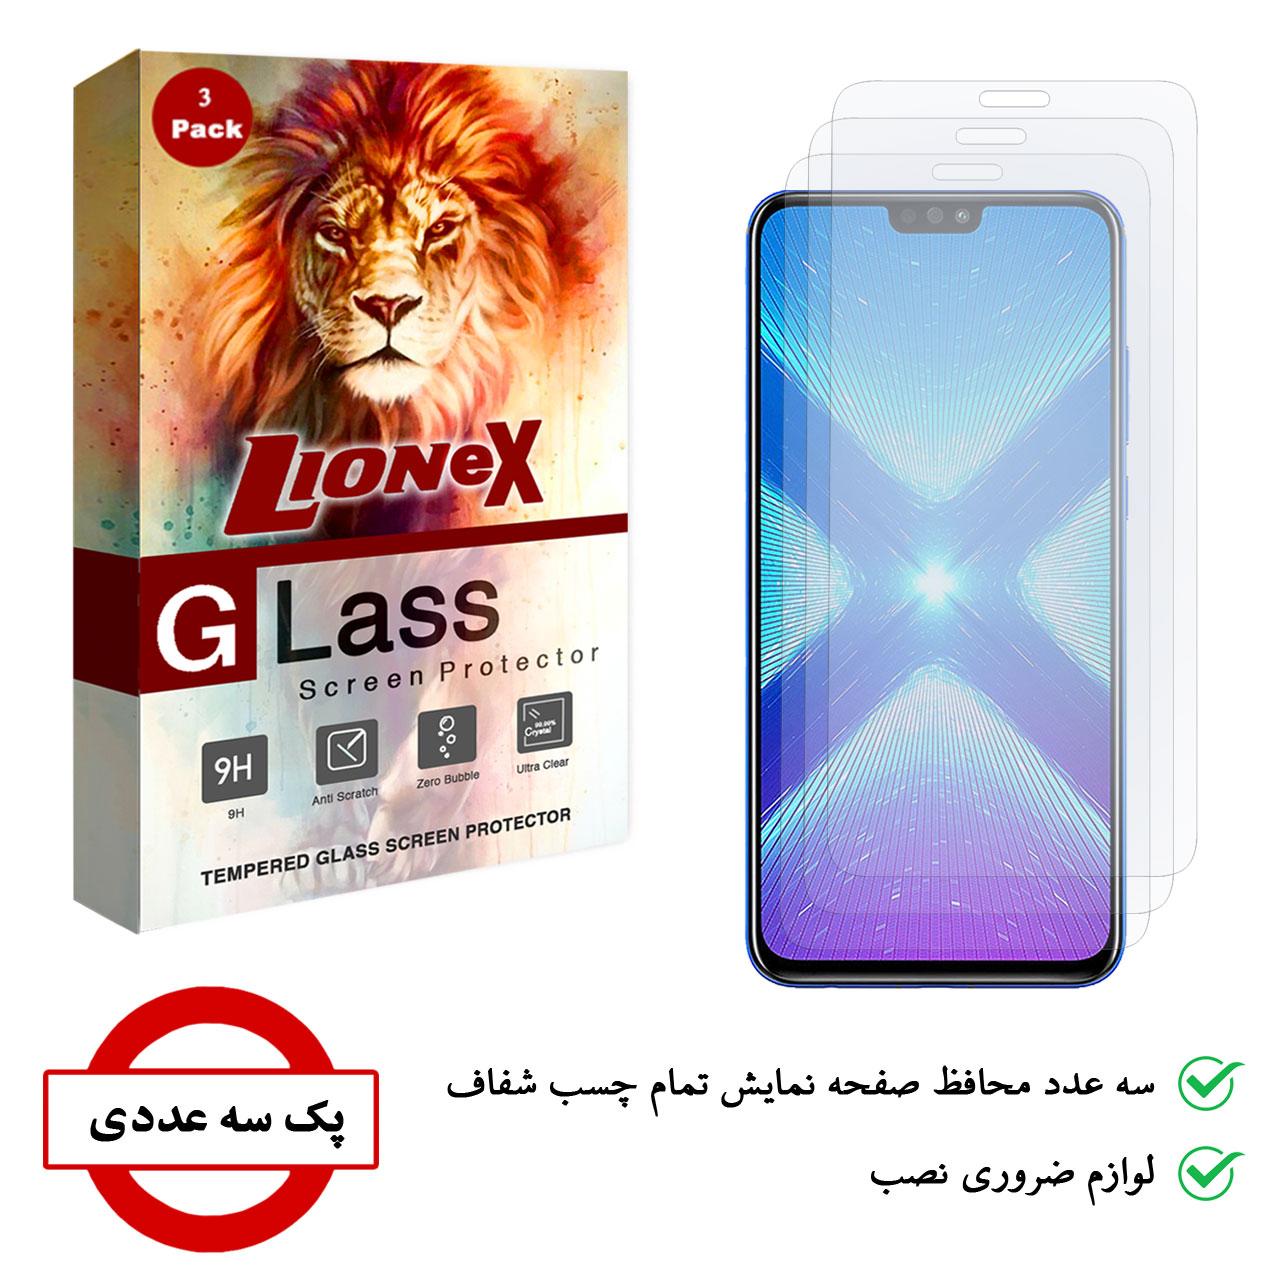 محافظ صفحه نمایش لایونکس مدل UPS مناسب برای گوشی موبایل آنر 8X بسته سه عددی main 1 1